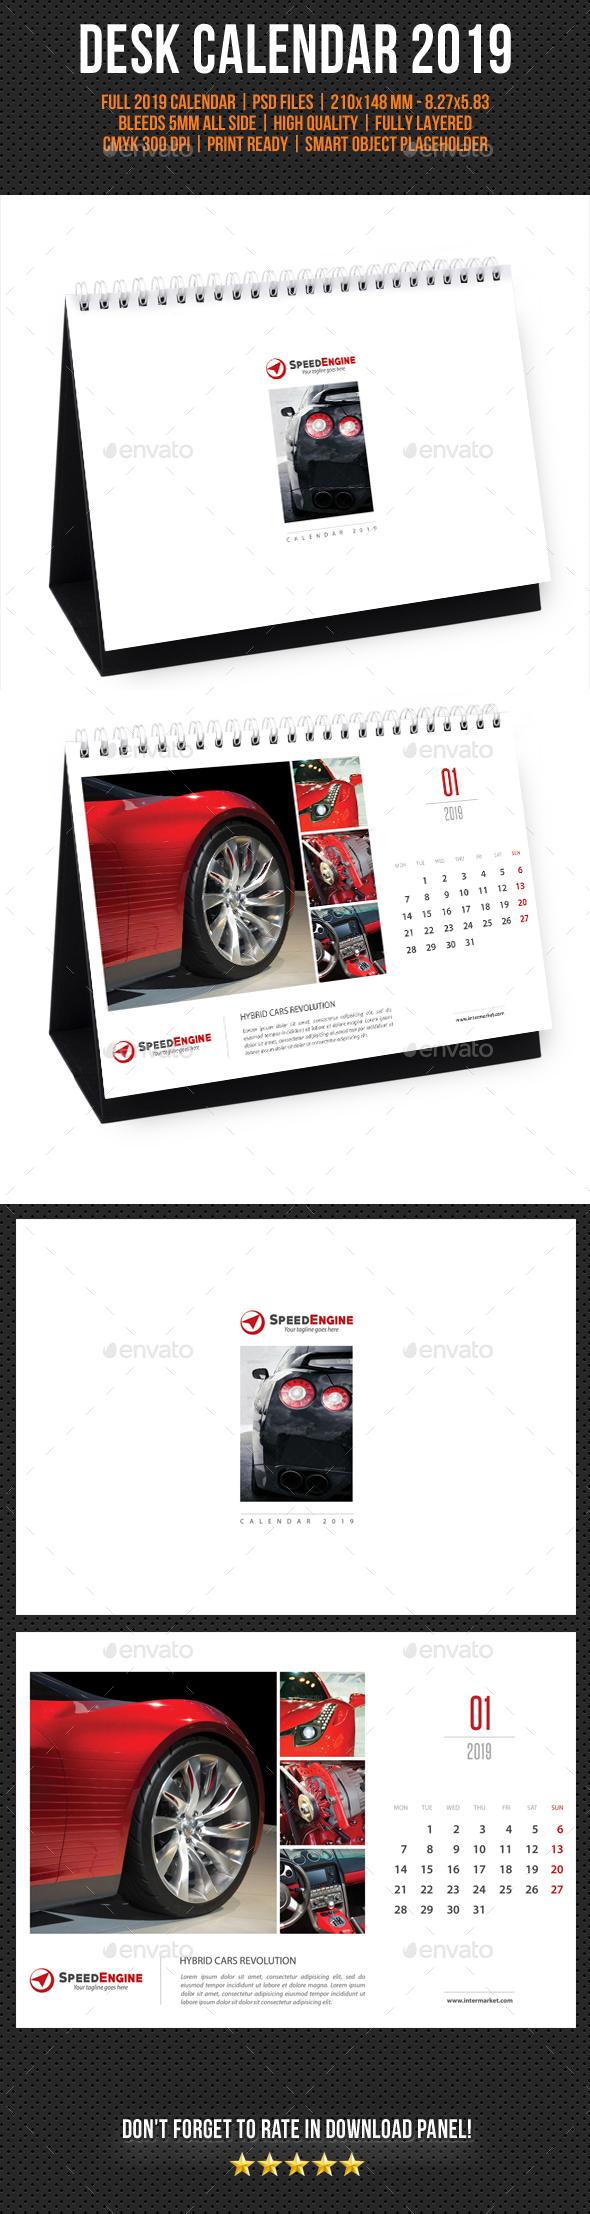 Creative Desk Calendar 2019 V02 - Calendars Stationery